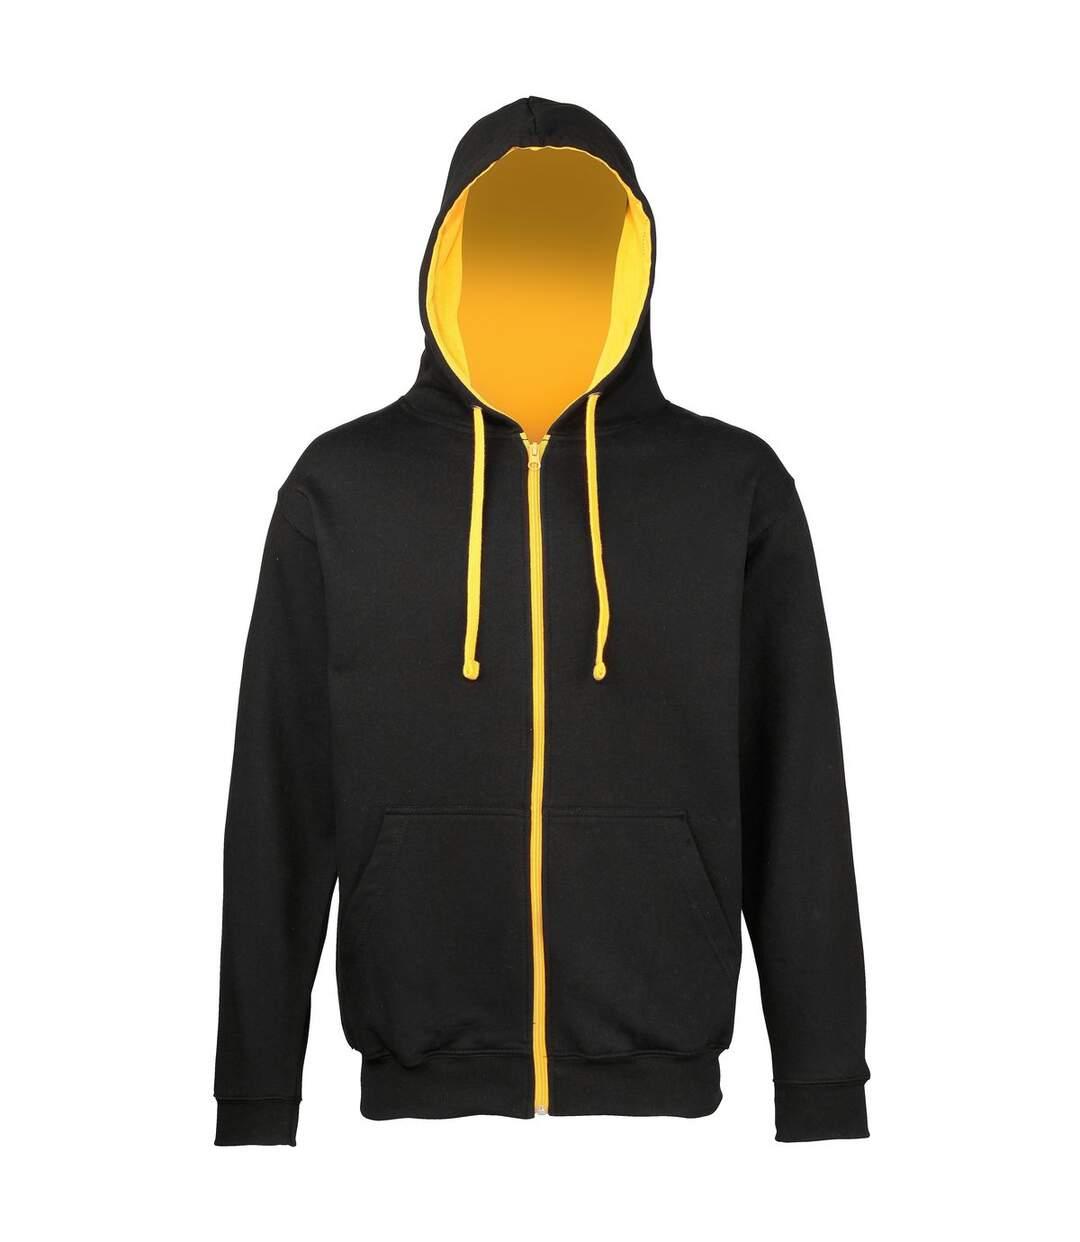 Sweat zippé à capuche unisexe - JH053 - noir et jaune